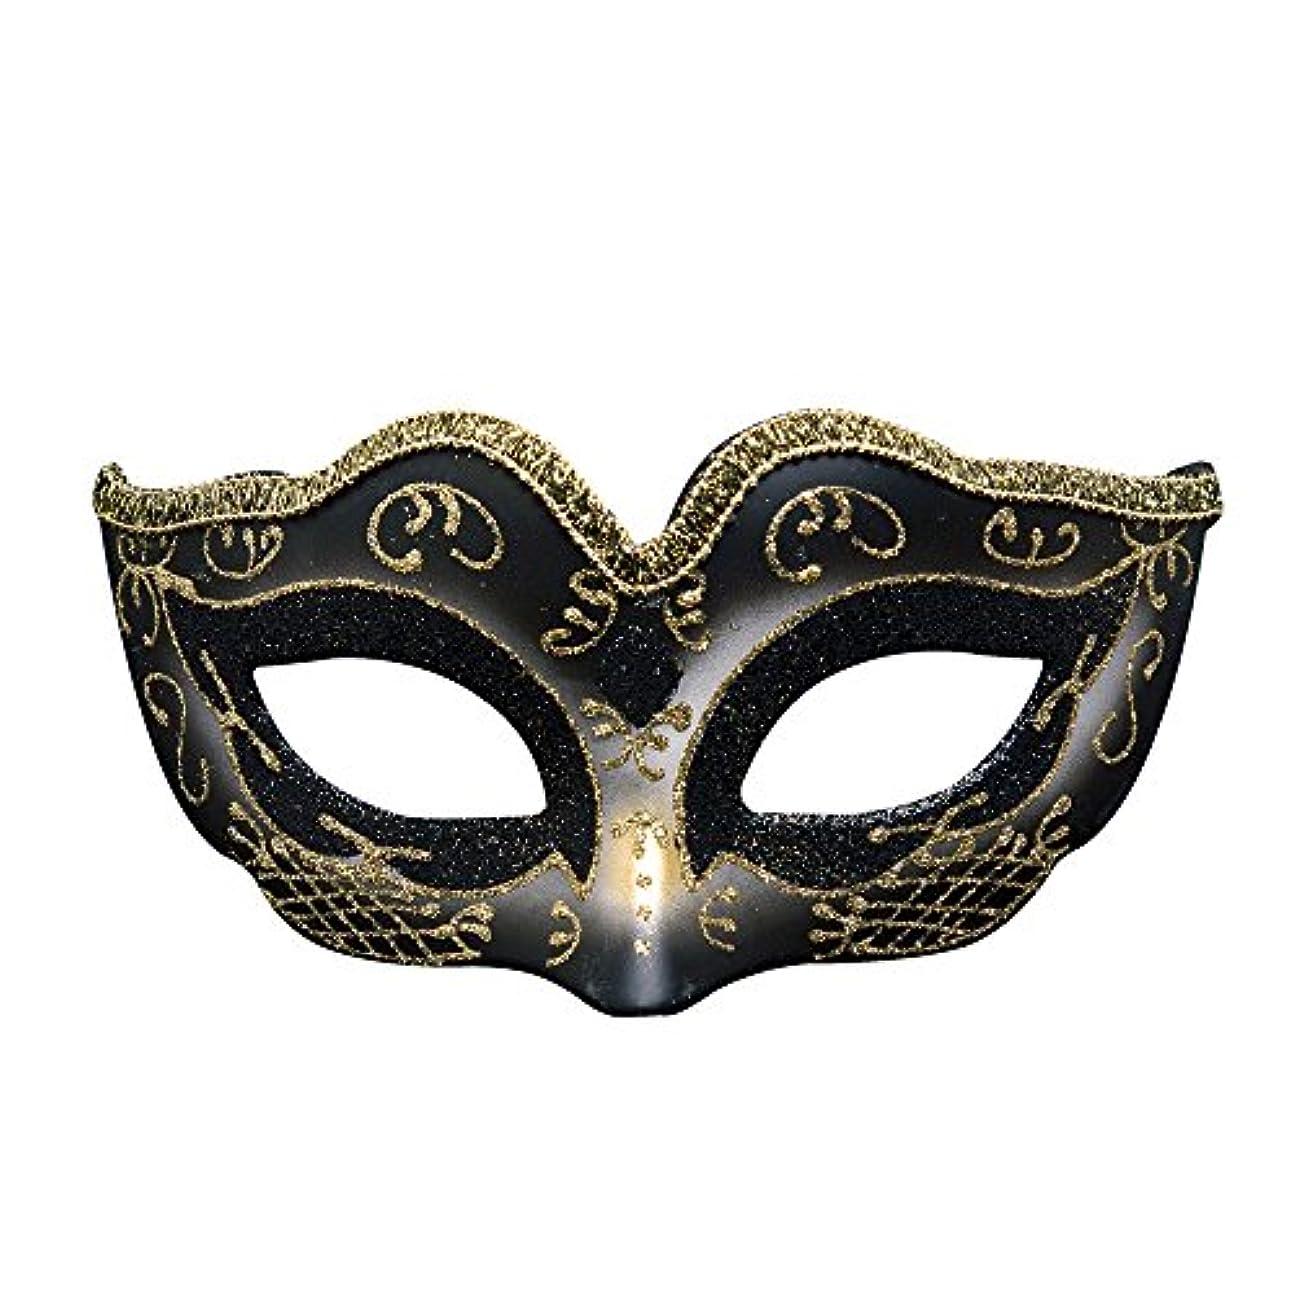 憧れくぼみピーククリエイティブカスタム子供のなりすましパーティーハロウィーンマスククリスマス雰囲気マスク (Color : C)